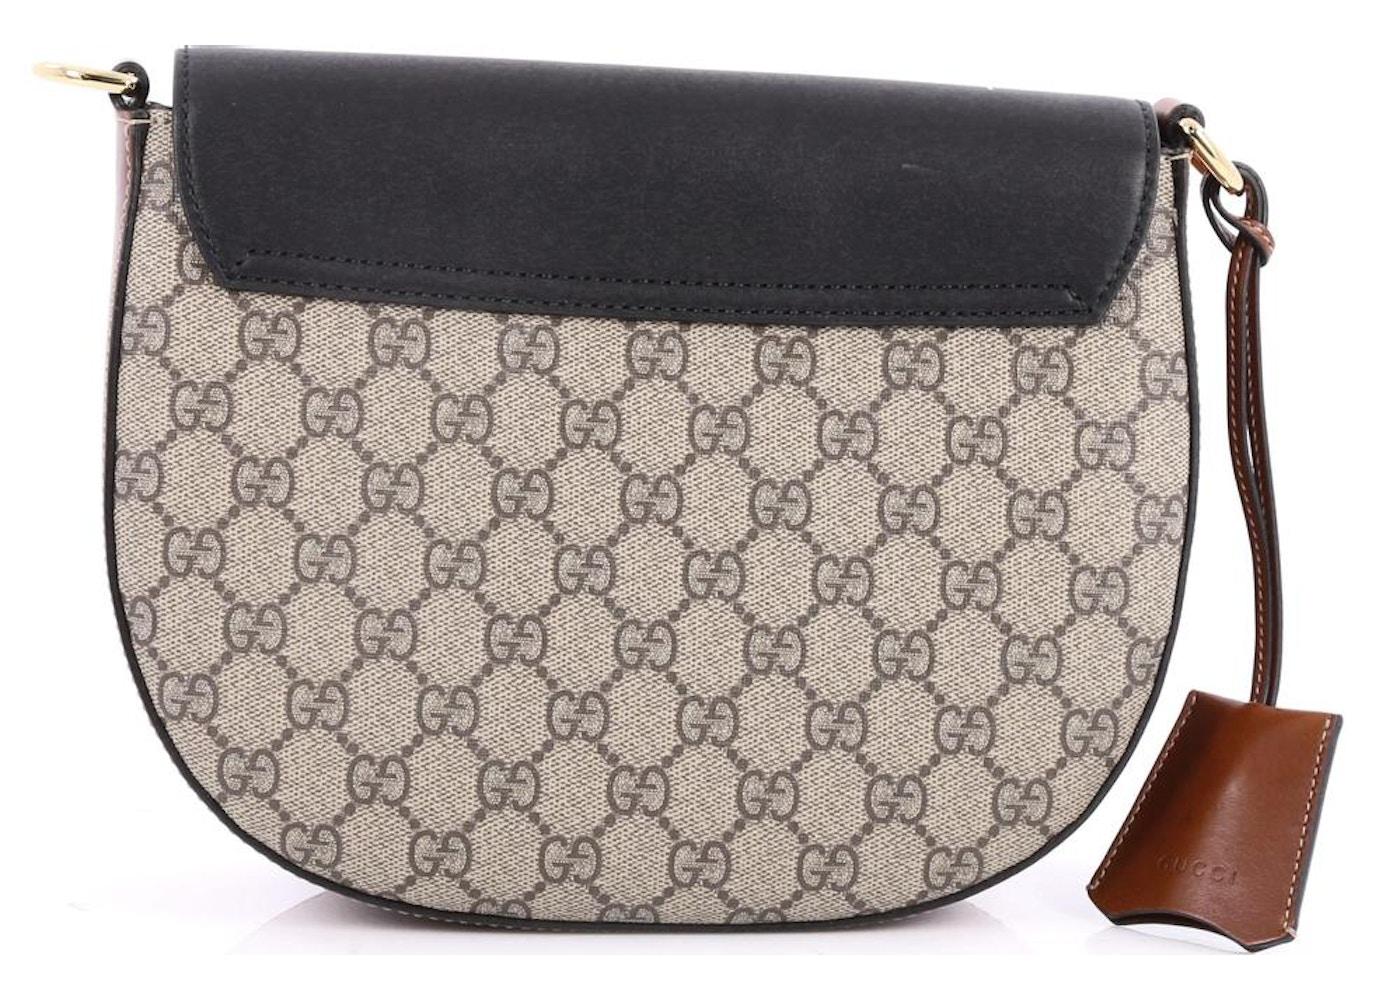 147363c5c Gucci Padlock Shoulder Bag Monogram GG Medium Tan/Black/Brown/Red